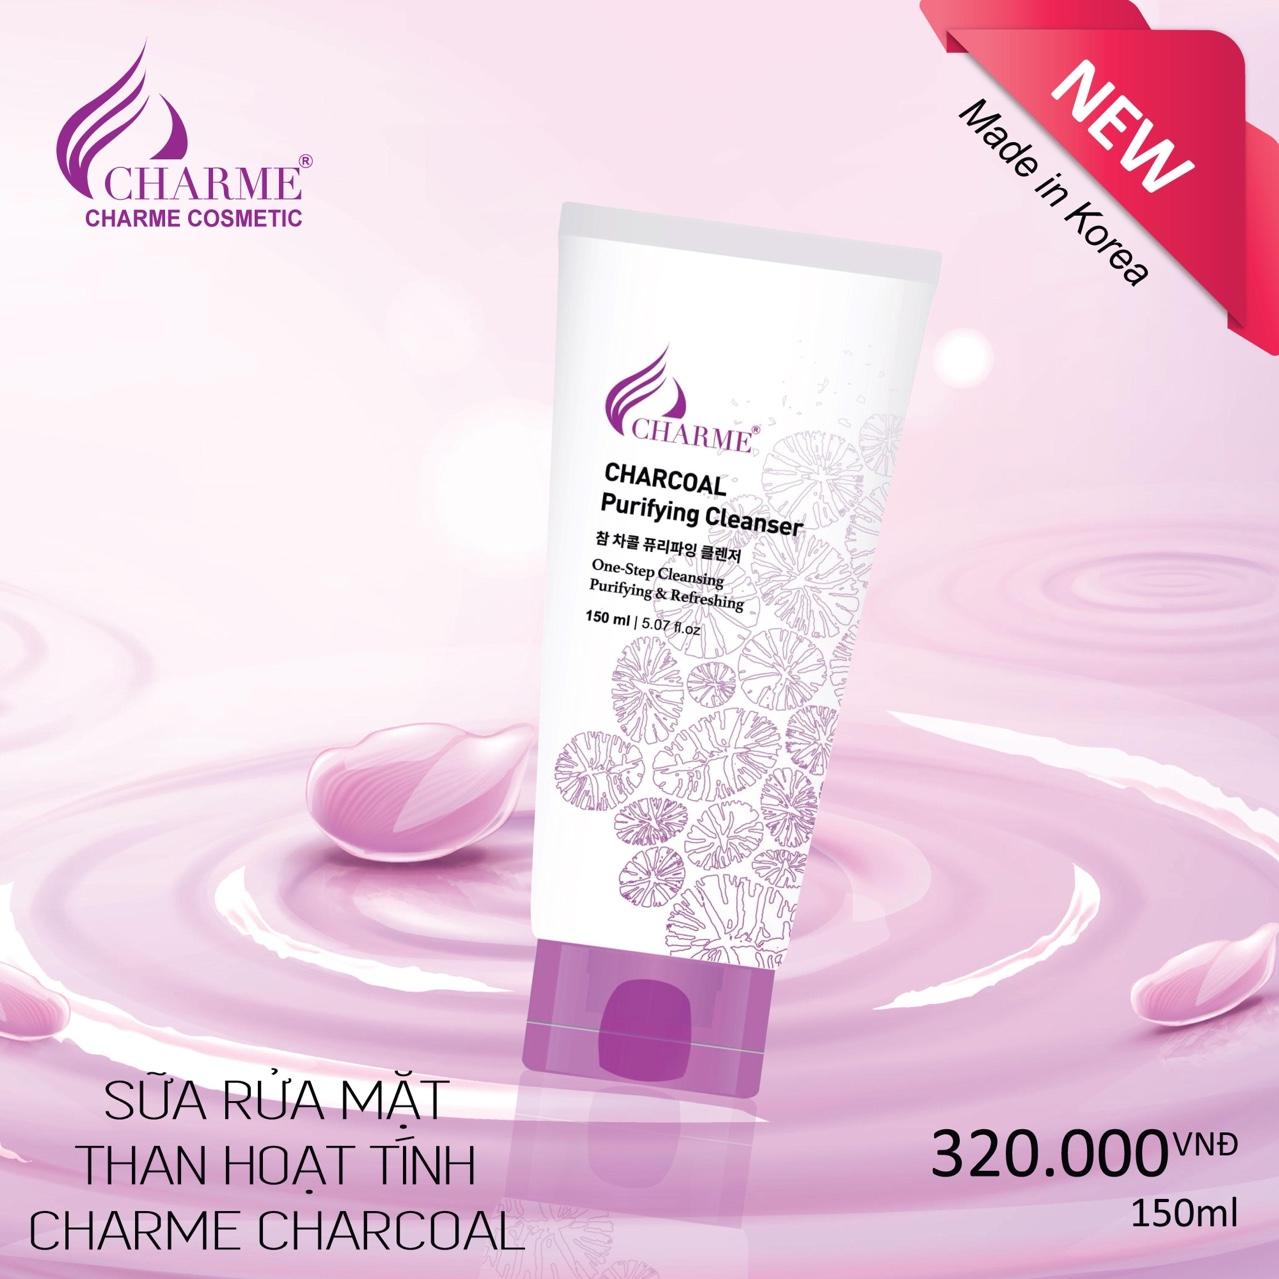 sữa rửa mặt than hoạt tính Charme Charcoal 150ml